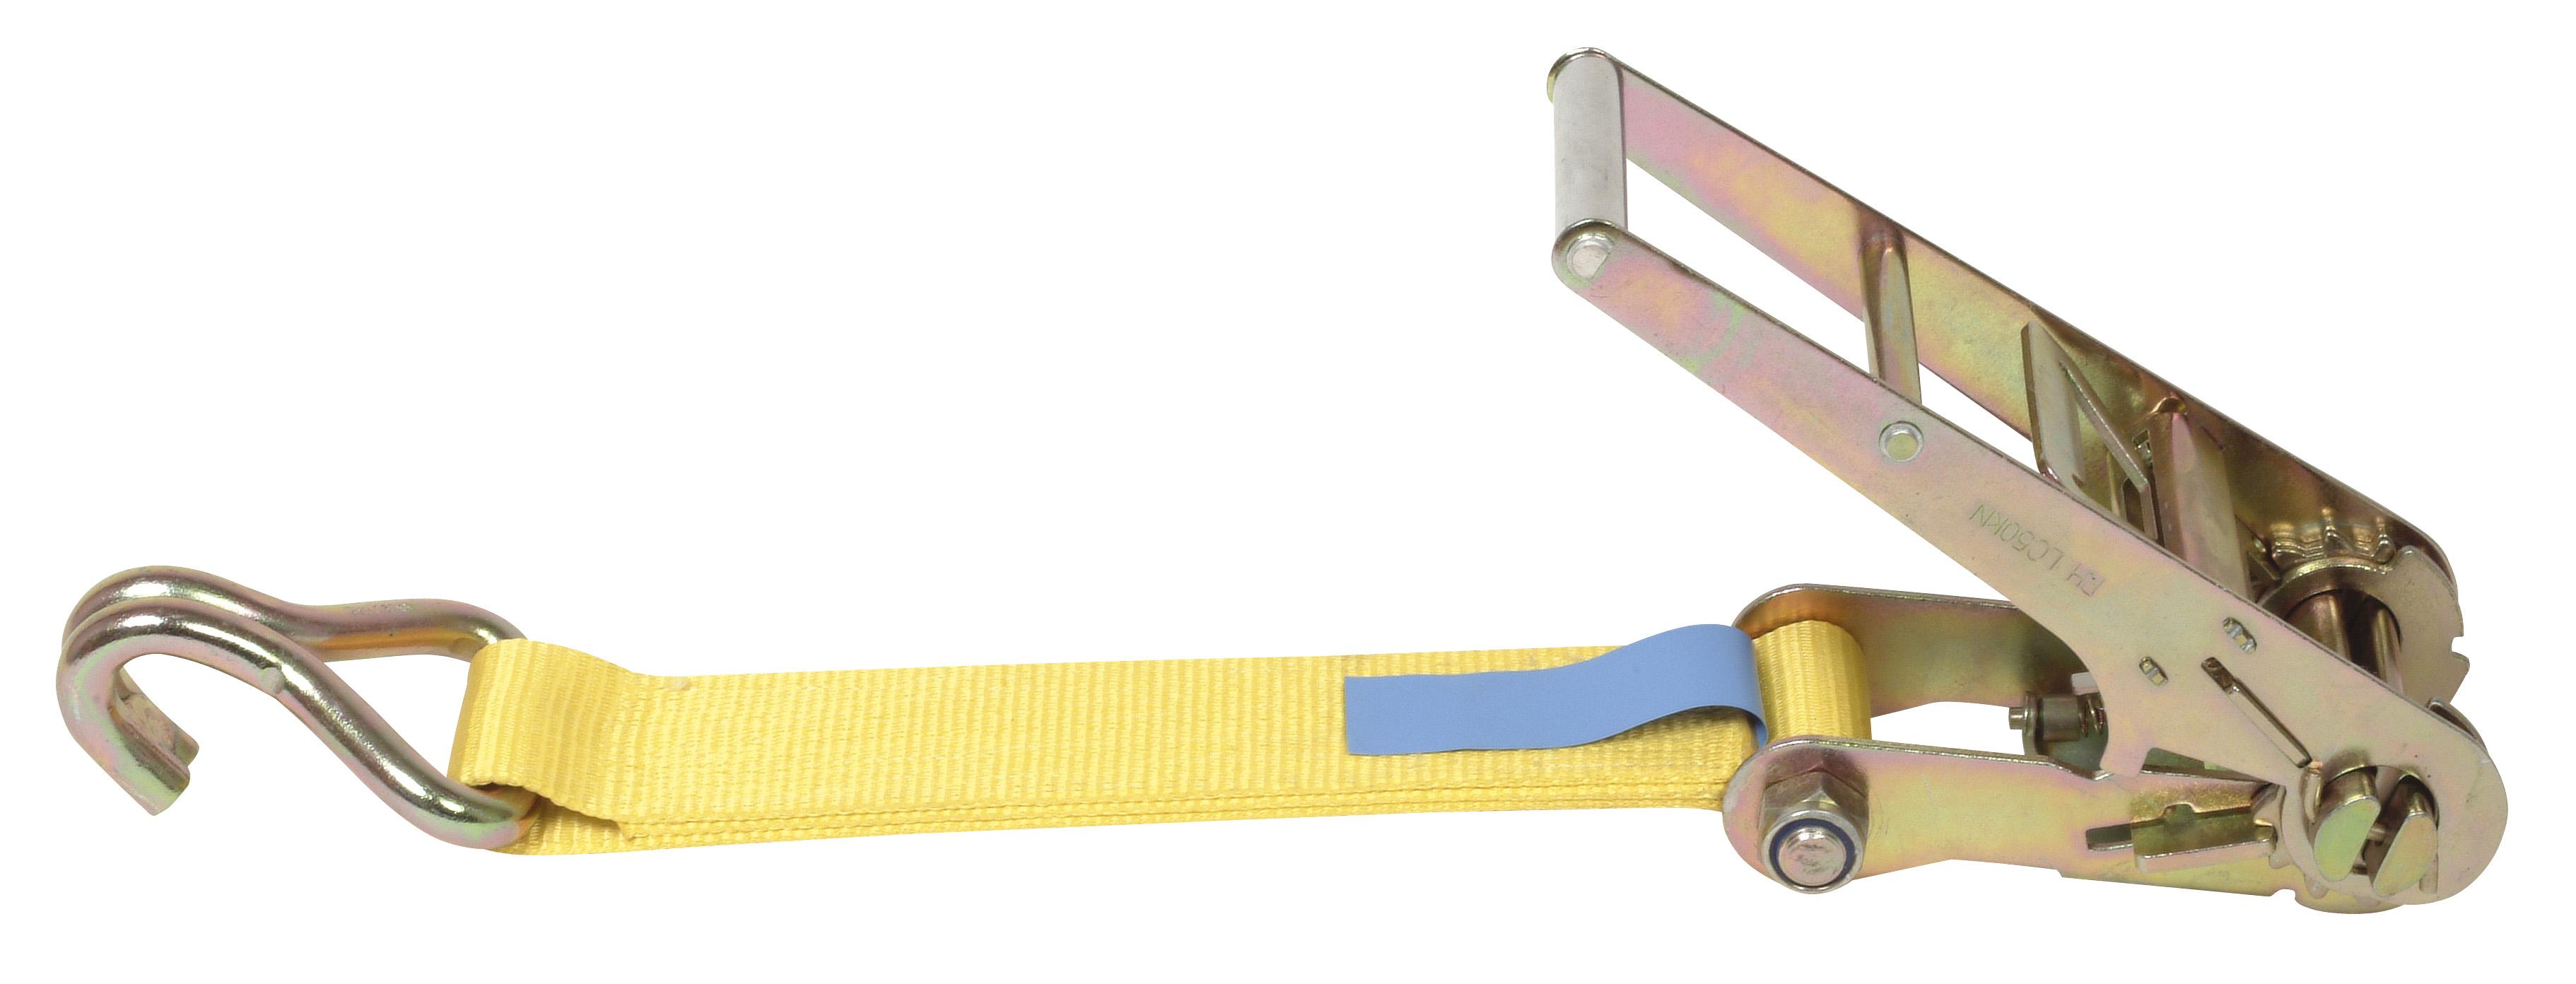 Two-piece belt